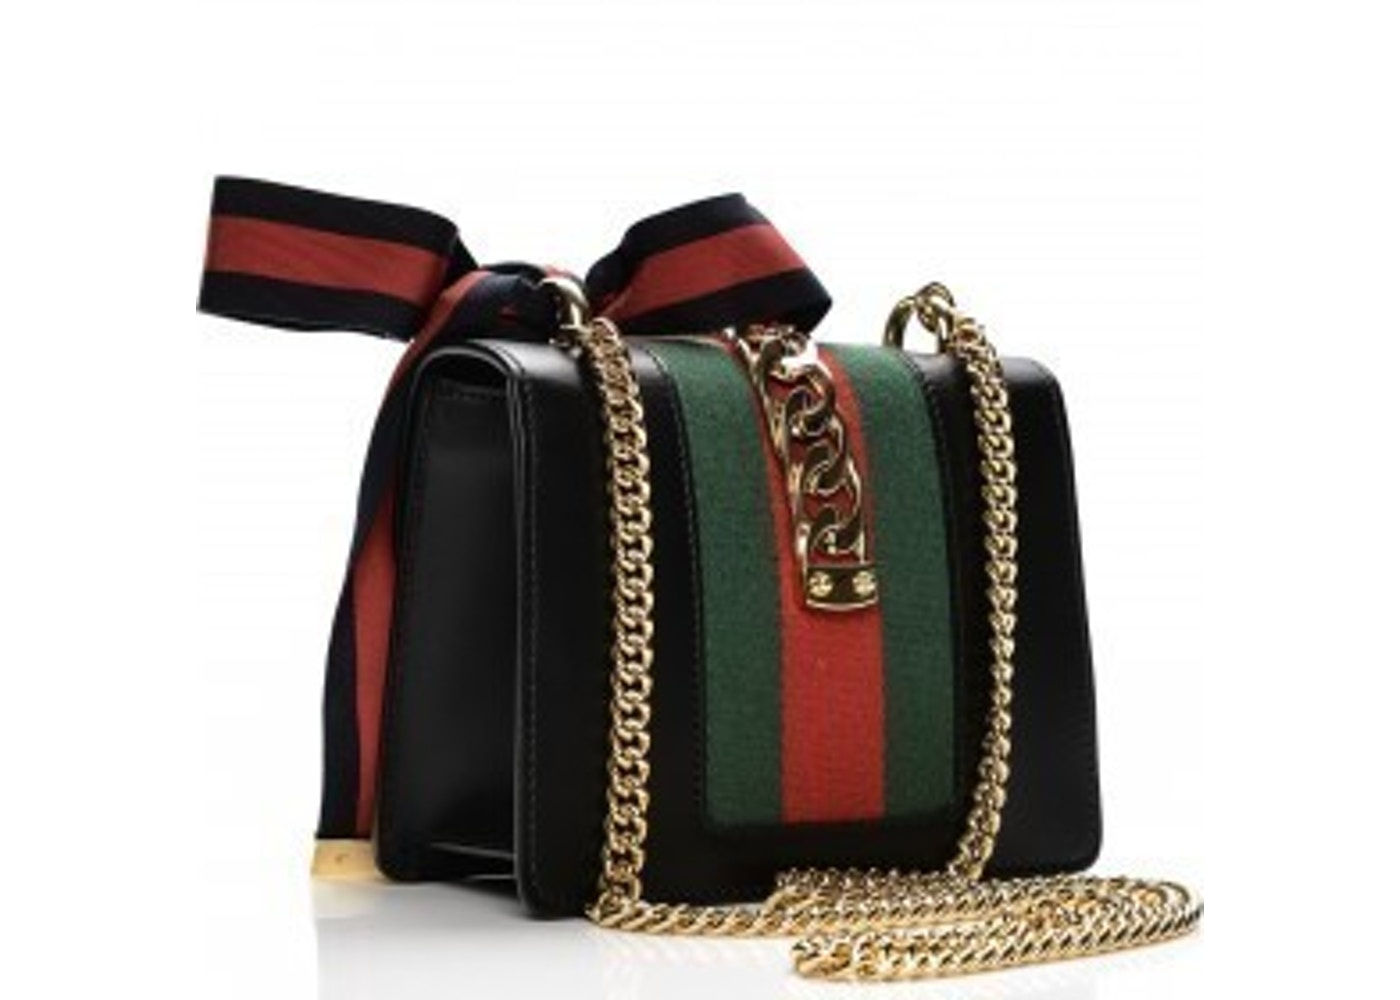 ebe4347241e2 Gucci Sylvie Shoulder GG Web Stripe Mini Black/Red/Green